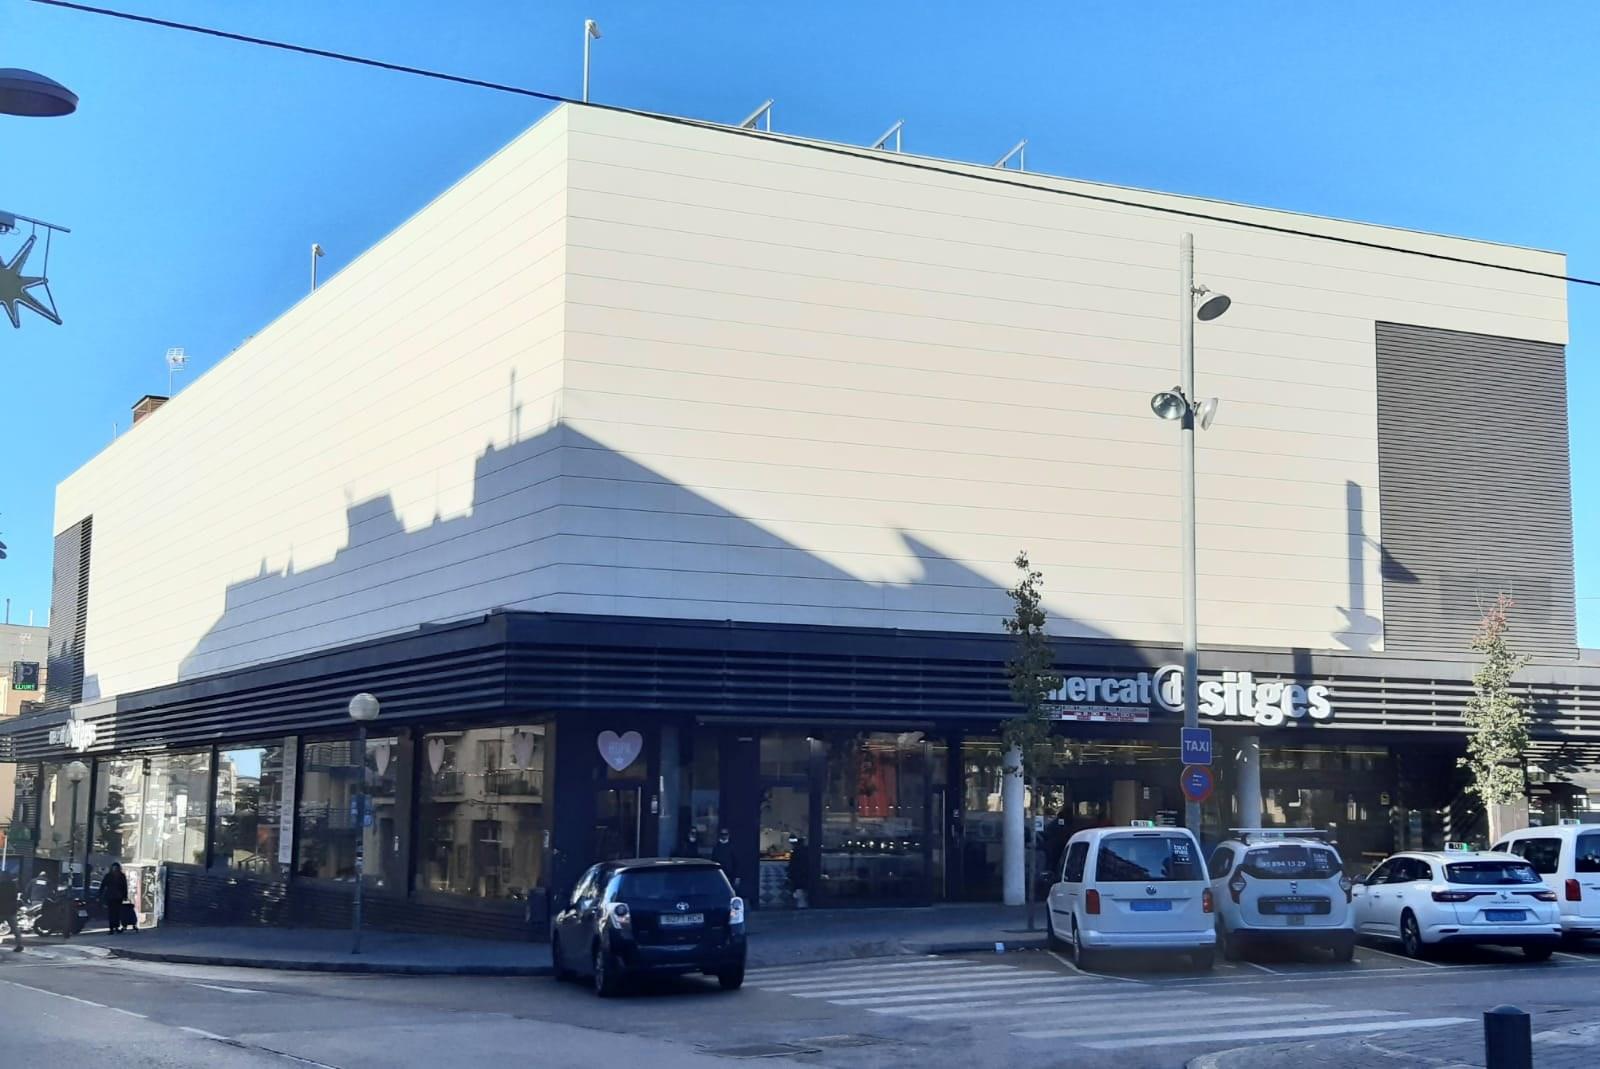 Les obres del Mercat Municipal de Sitges comencen dilluns